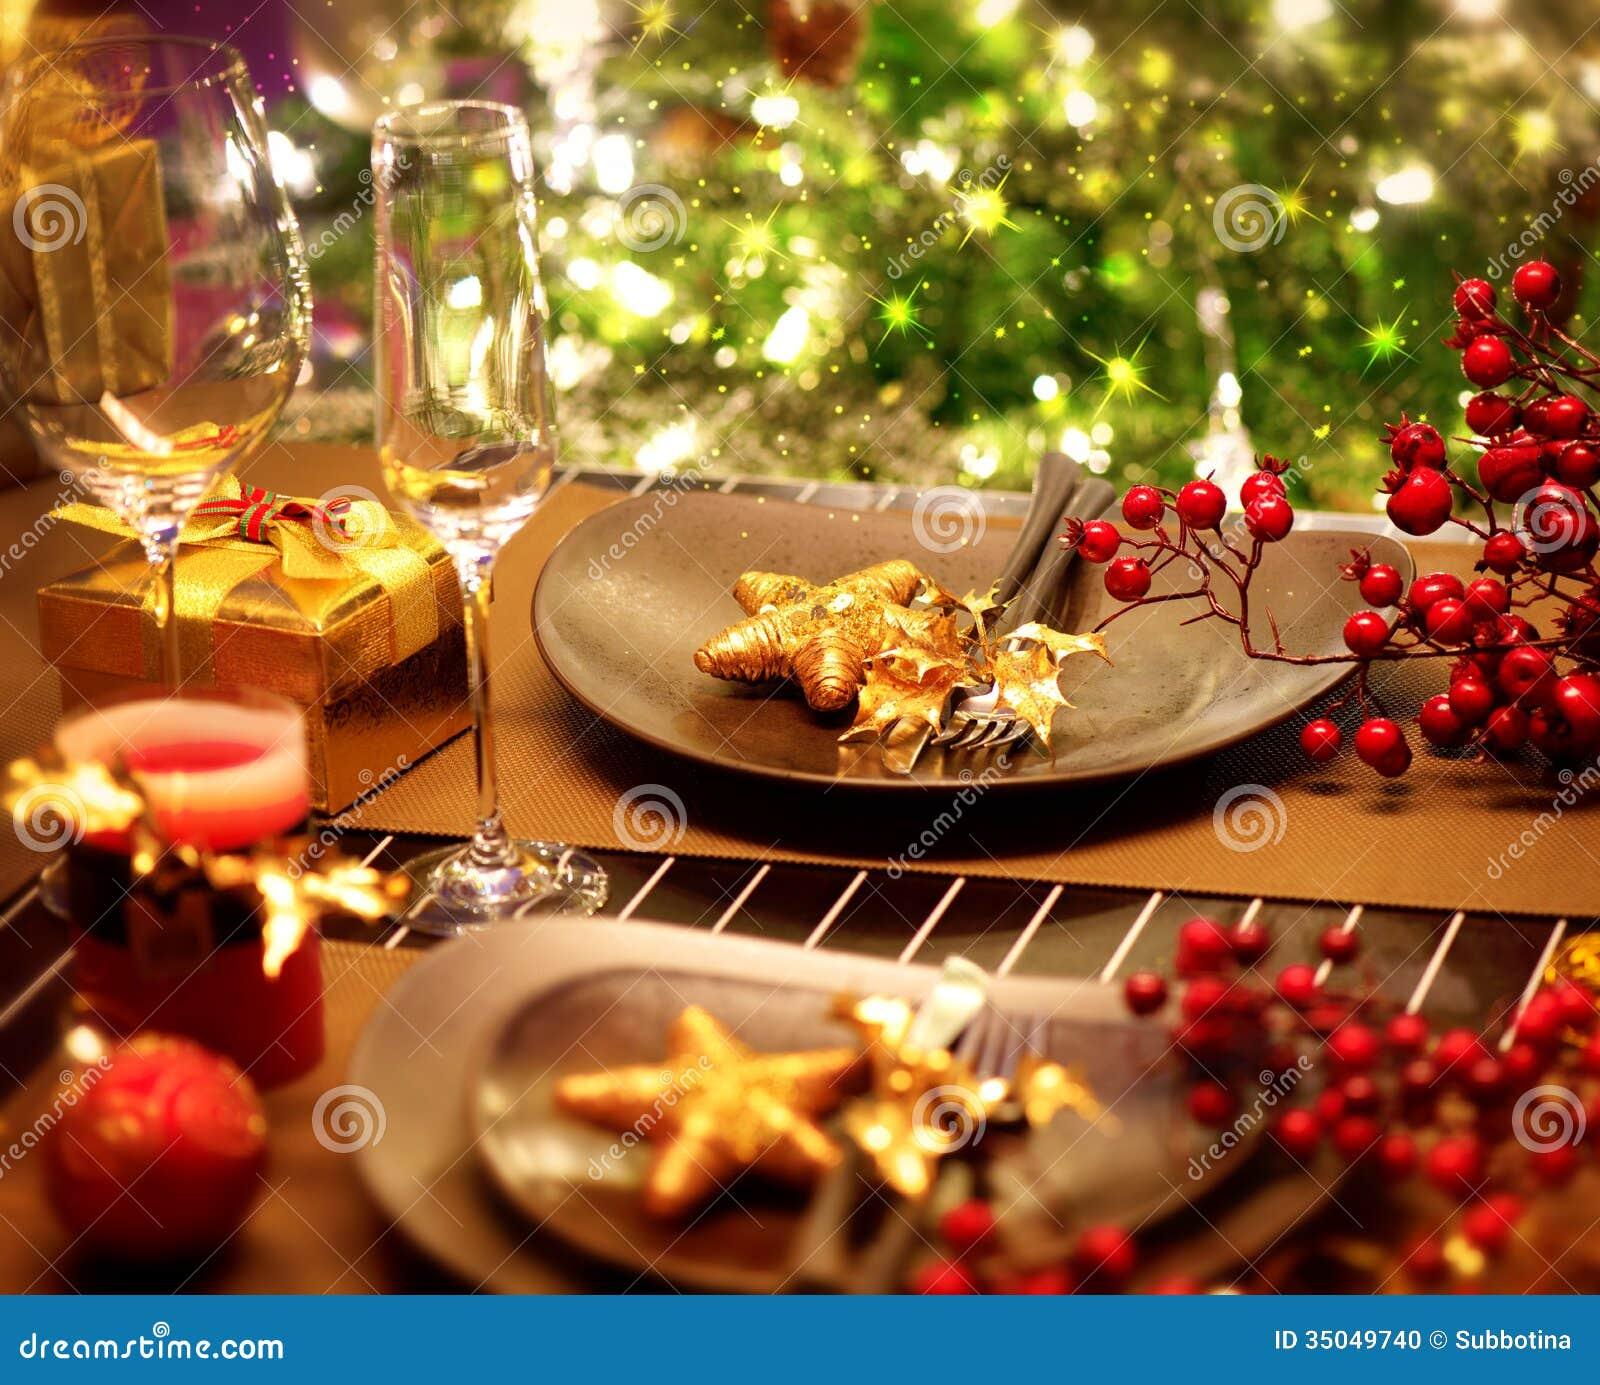 Christmas Table Setting Stock Photo Image 35049740